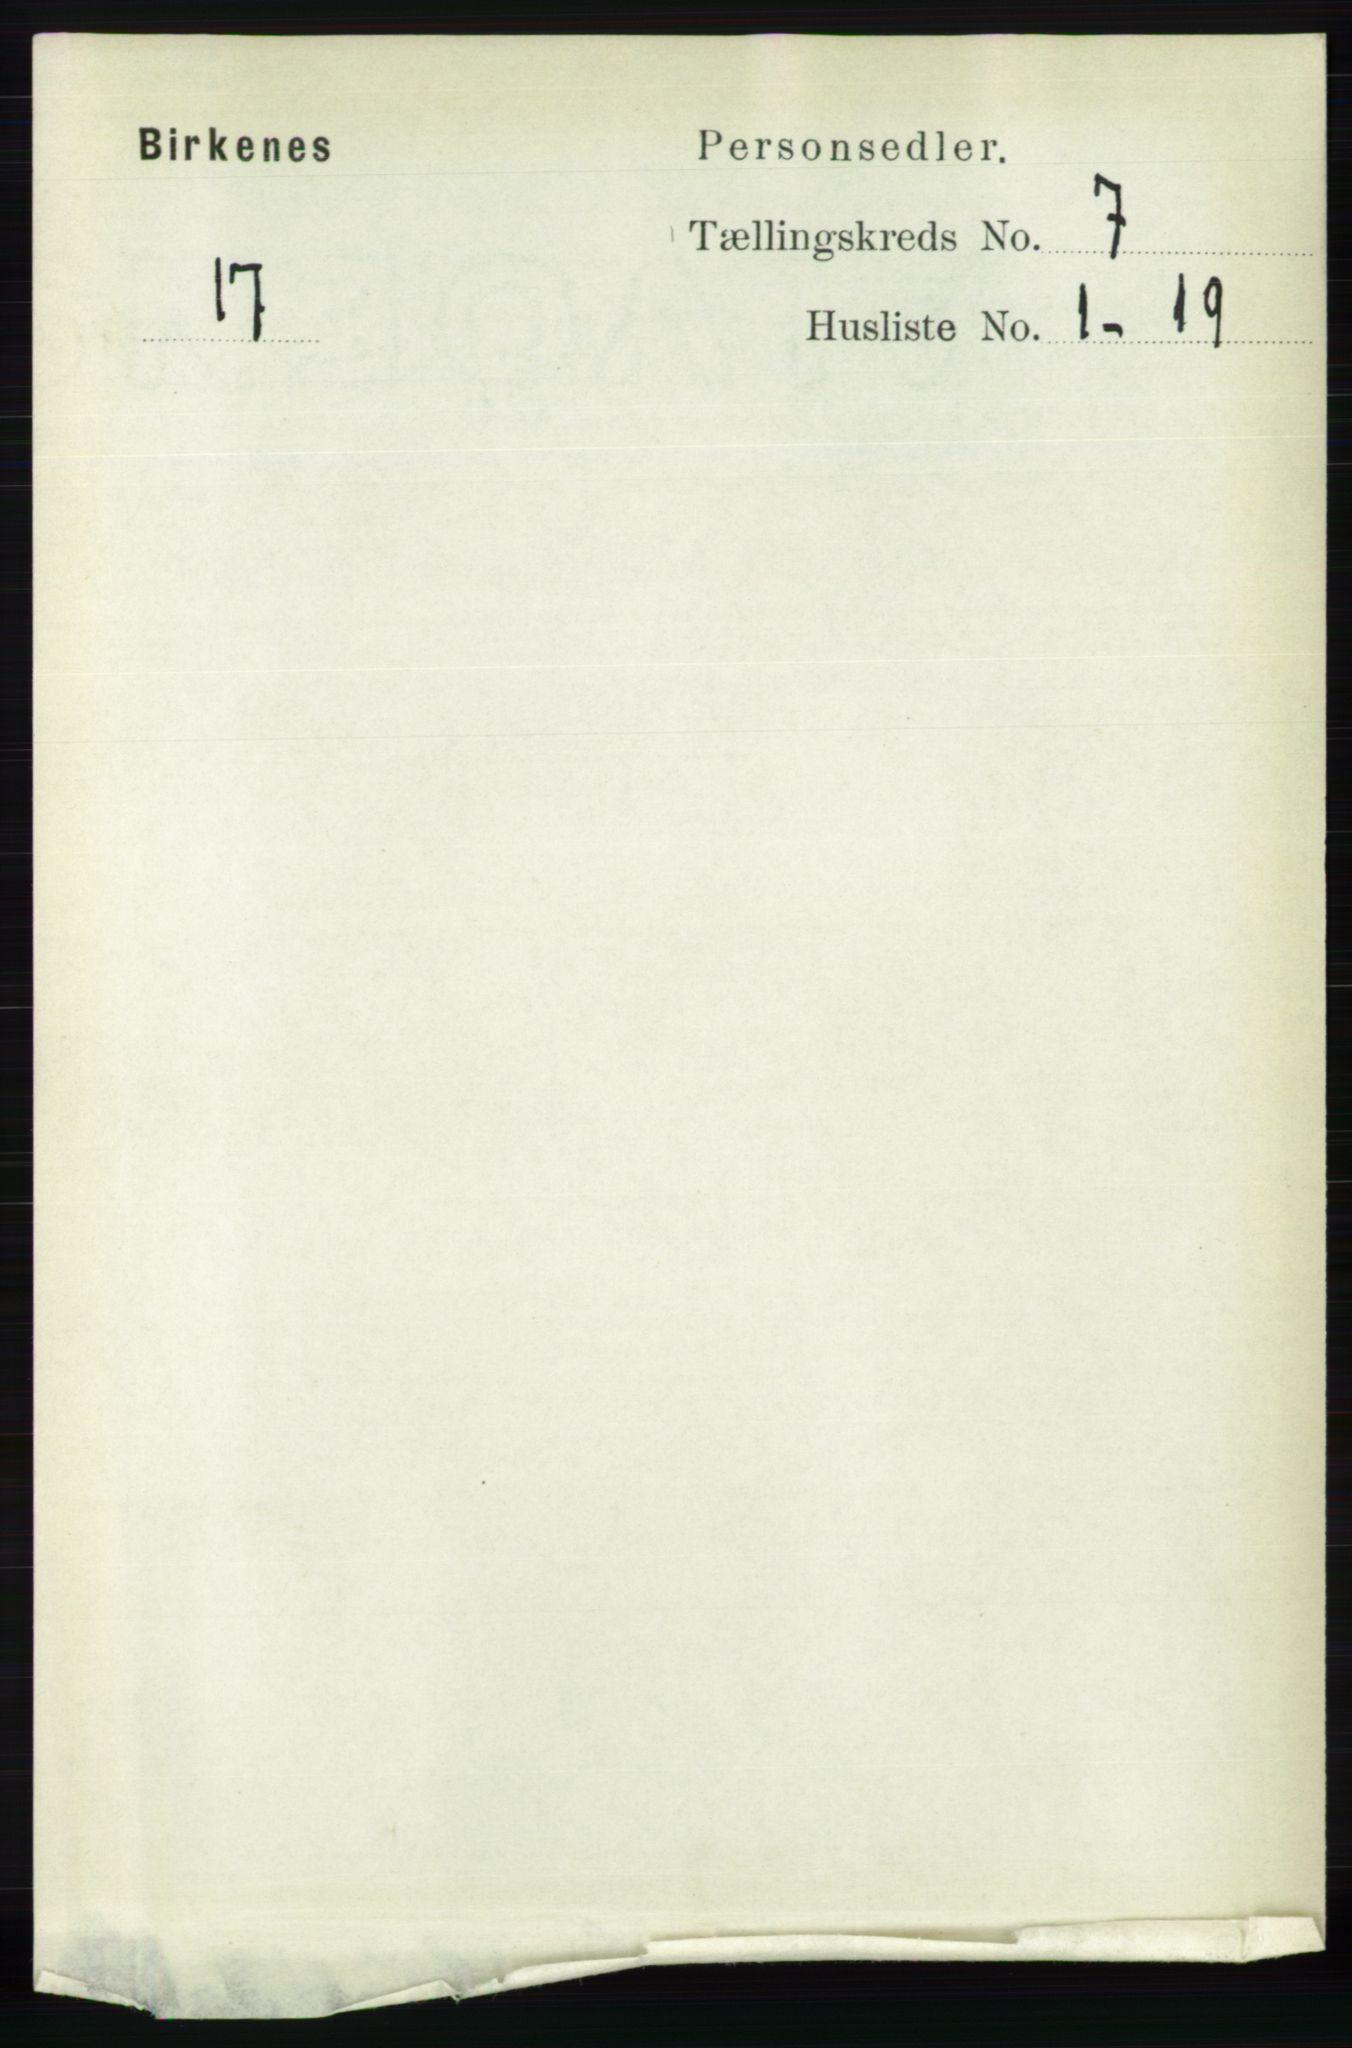 RA, Folketelling 1891 for 0928 Birkenes herred, 1891, s. 1983